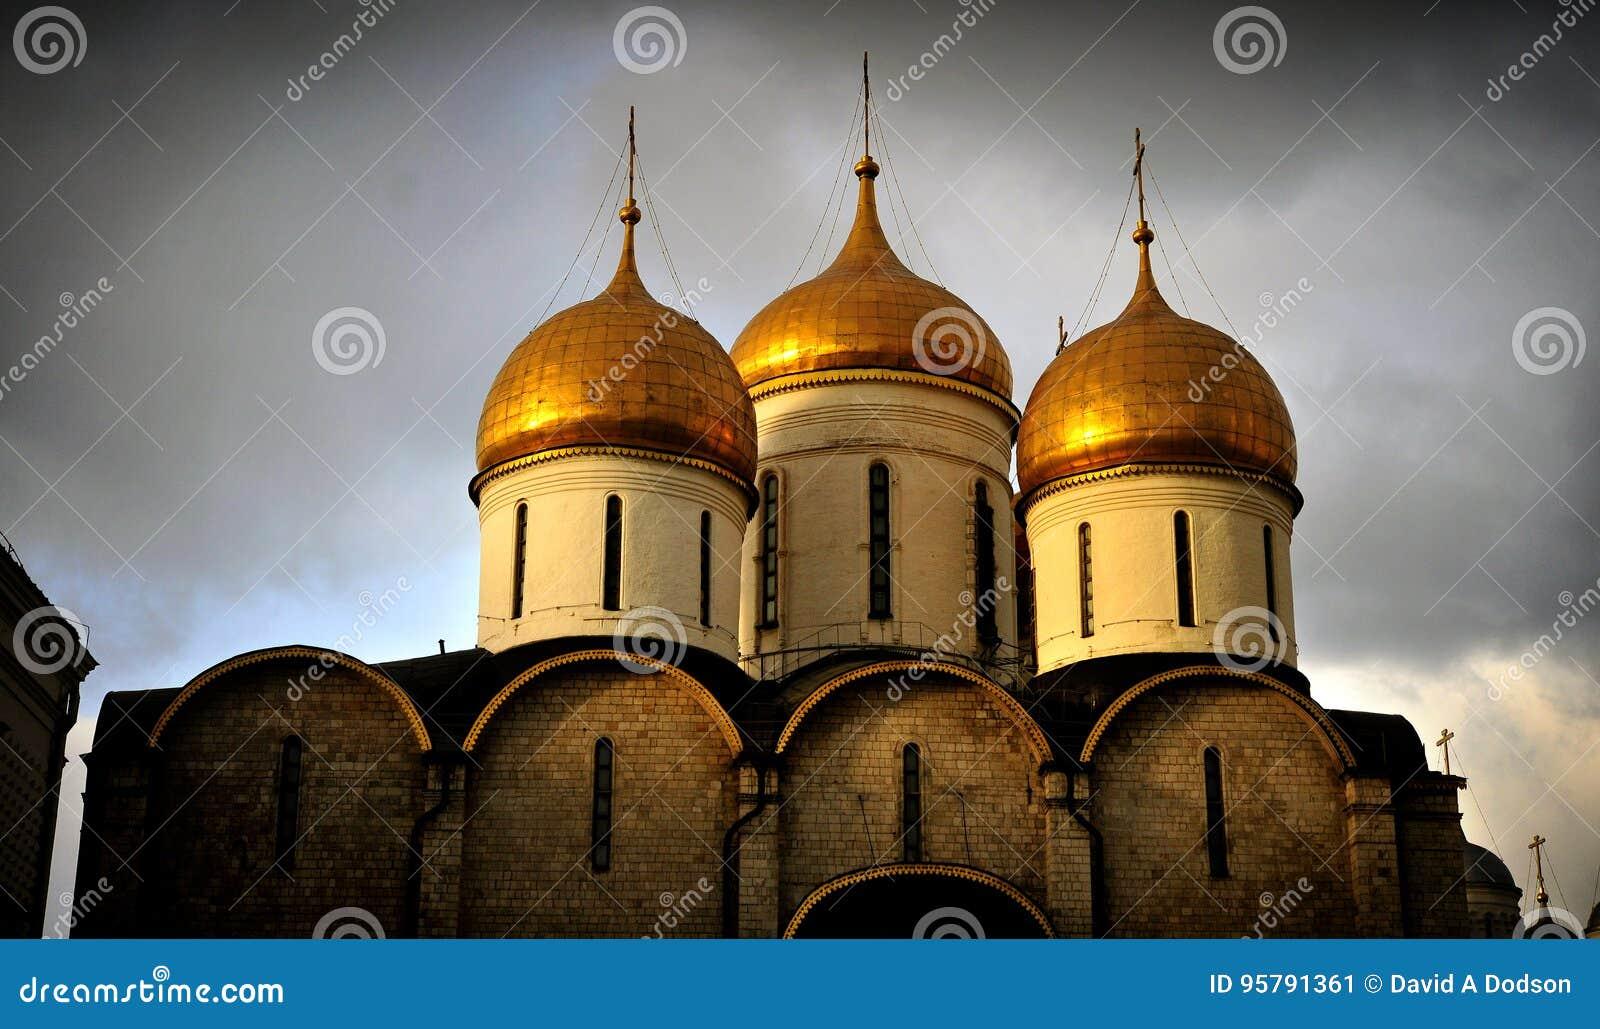 De Kathedraalkoepels van het Kremlin, Moskou, Zonsonderganguitstraling